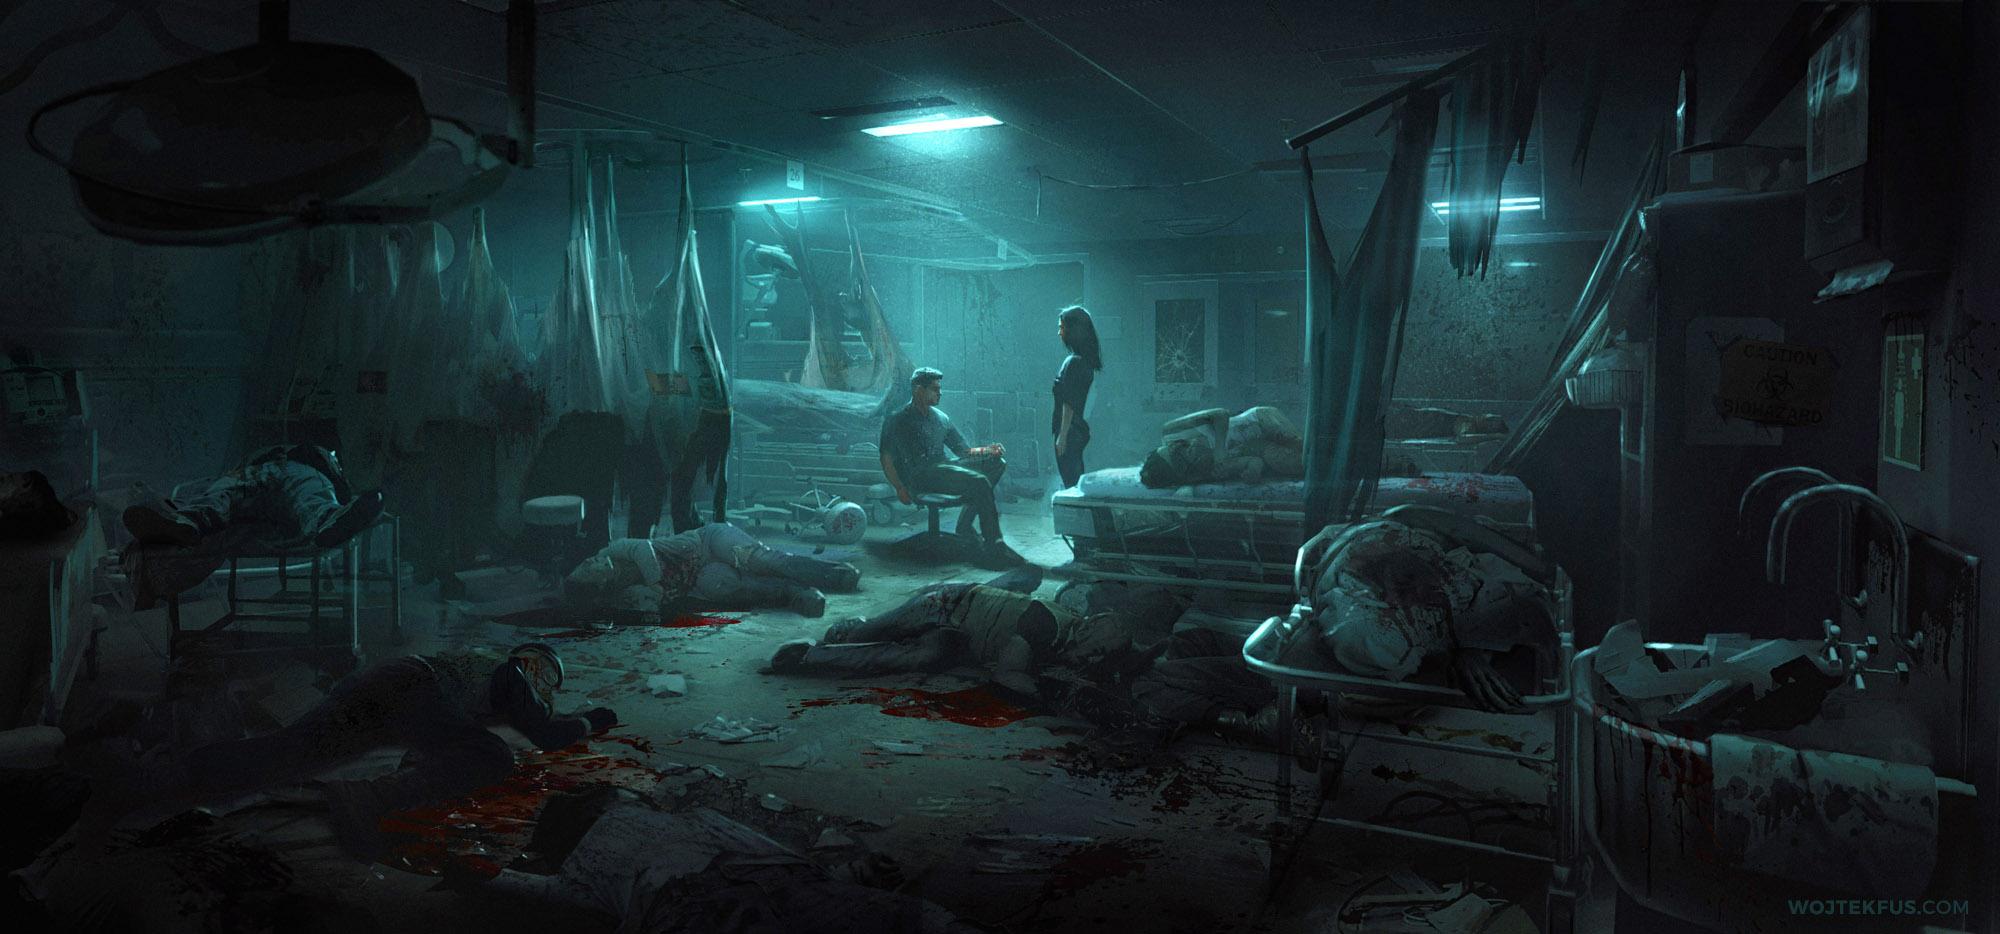 Overkill's The Walking Dead - Keyframe by WojtekFus